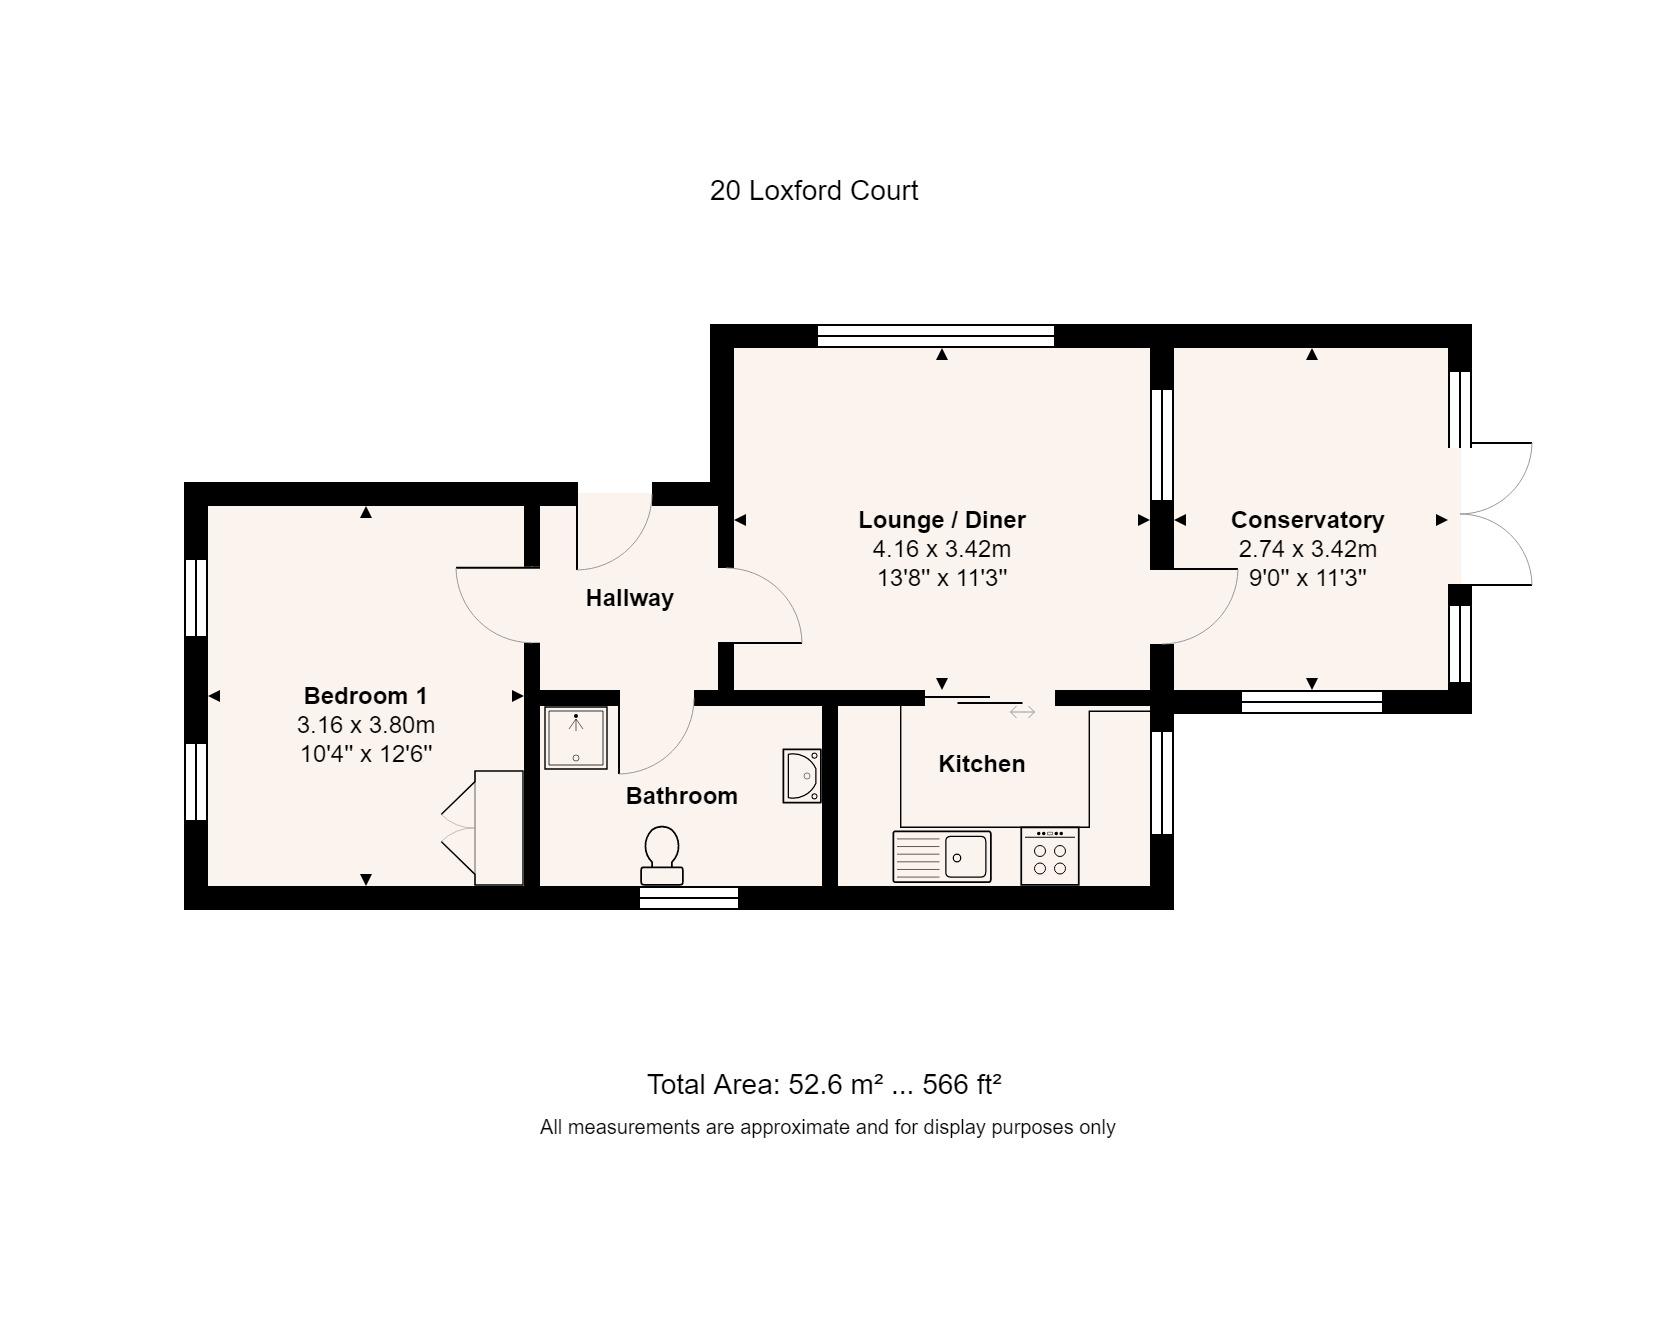 20 Loxford Court Floorplan